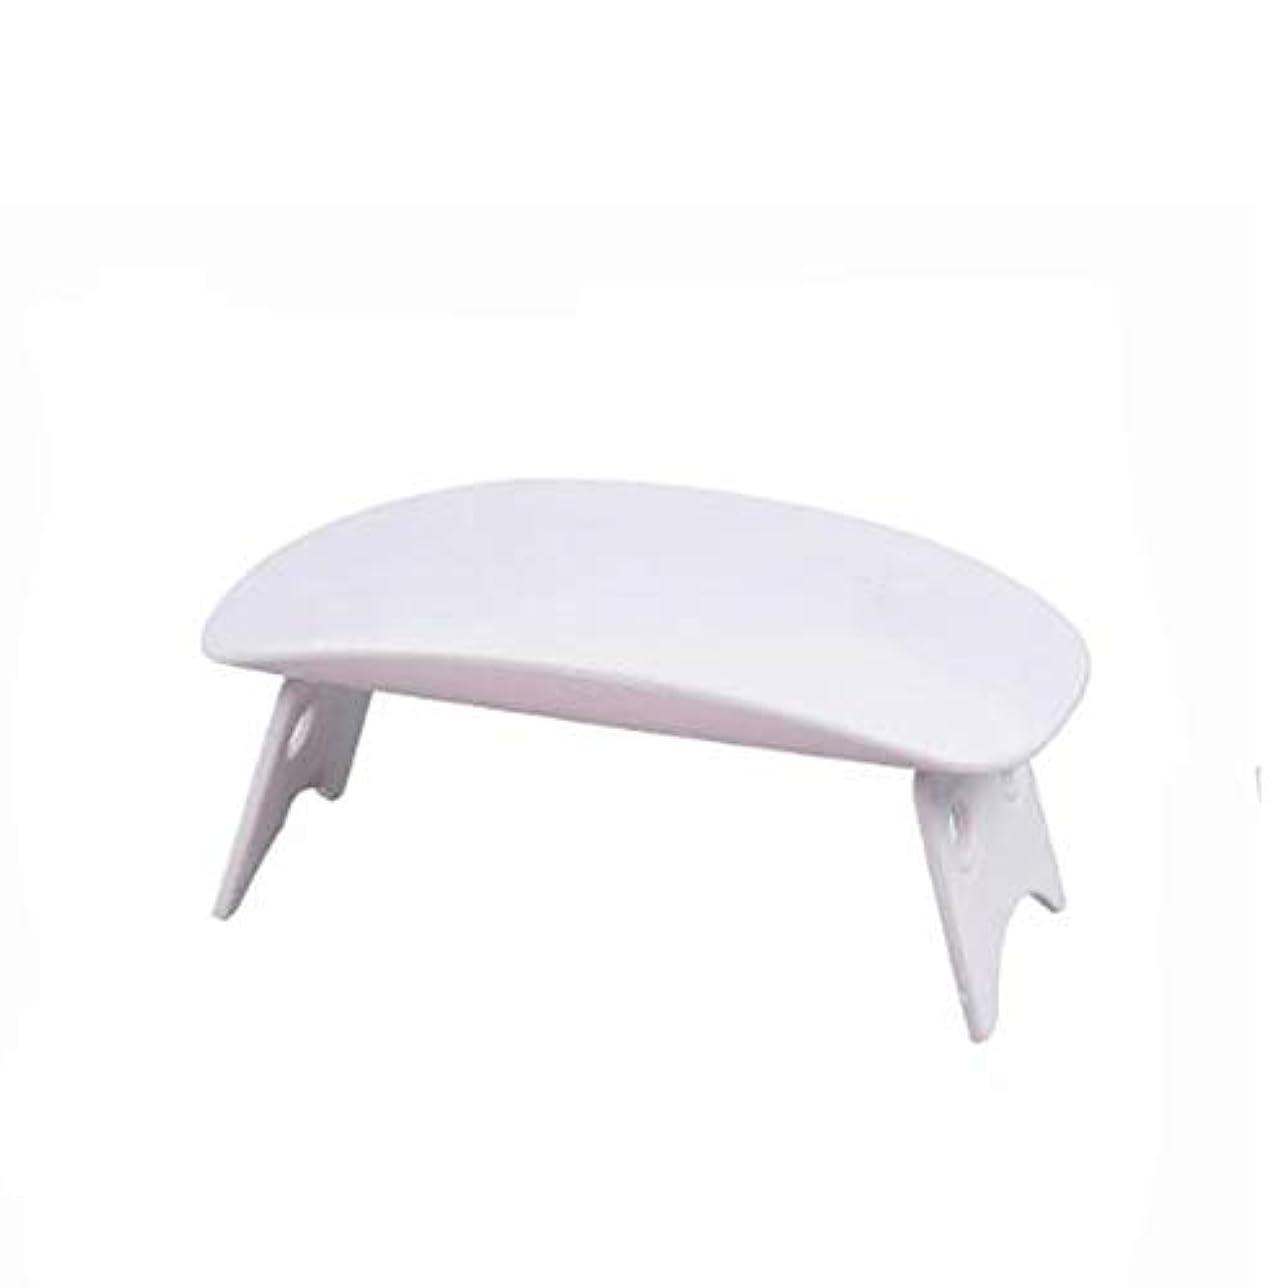 心理的にキャベツ硬いAomgsd UV-LED スマートライトミニ レジン道具 赤外線美白機能付き 手と足両用 乾燥用 速乾性 自動センサー搭載 (ホワイト)